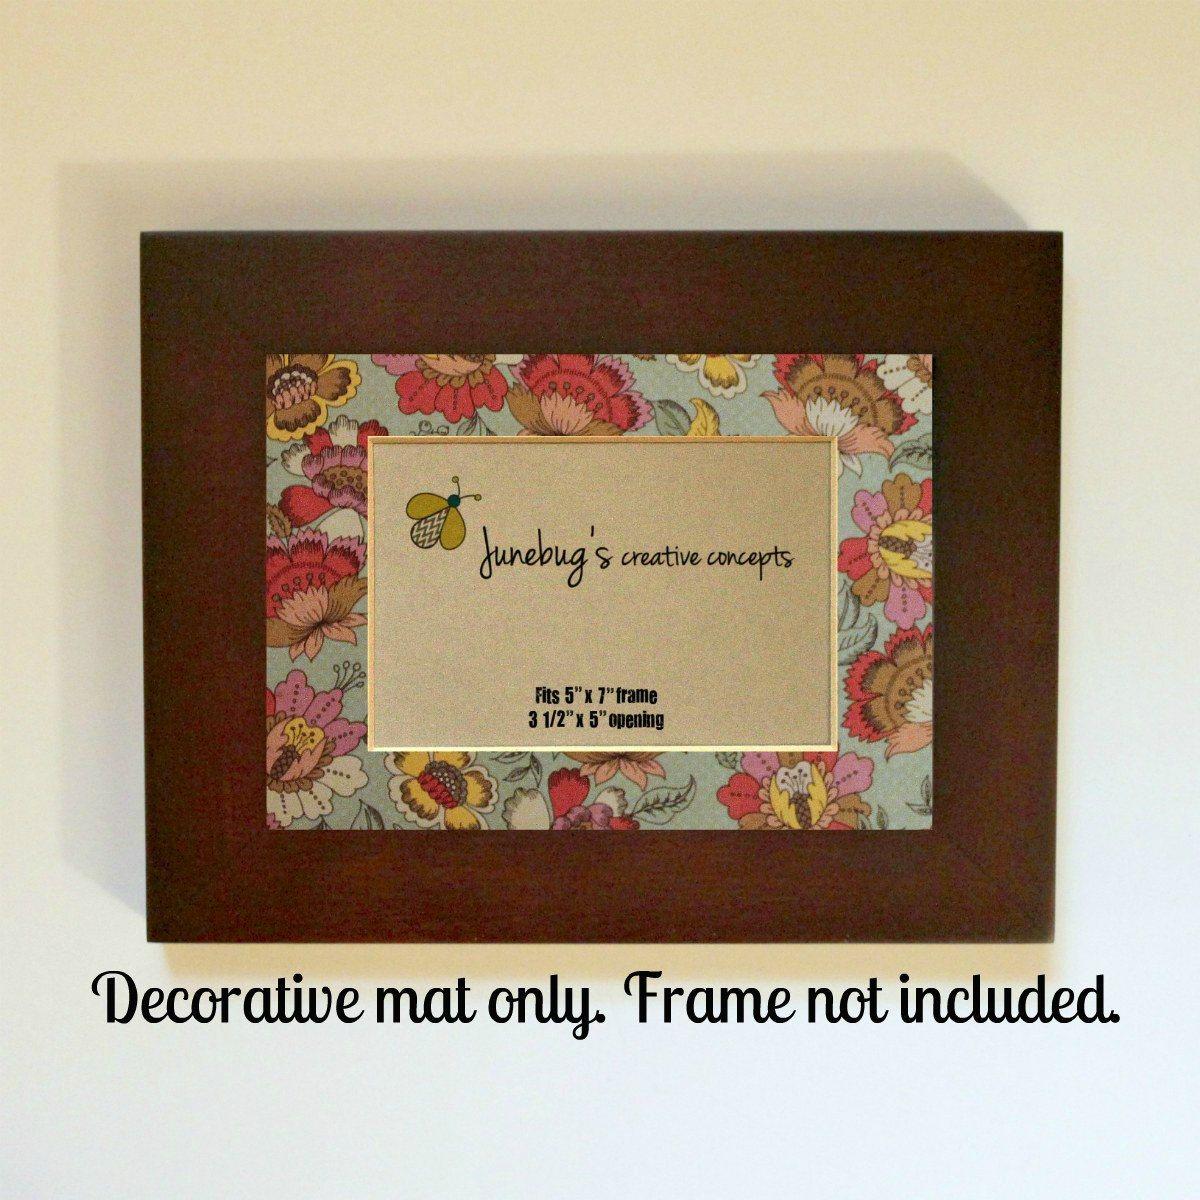 Home Decor Photo Mat Fits 5x7 Frame Vintage Floral Decorative Photo